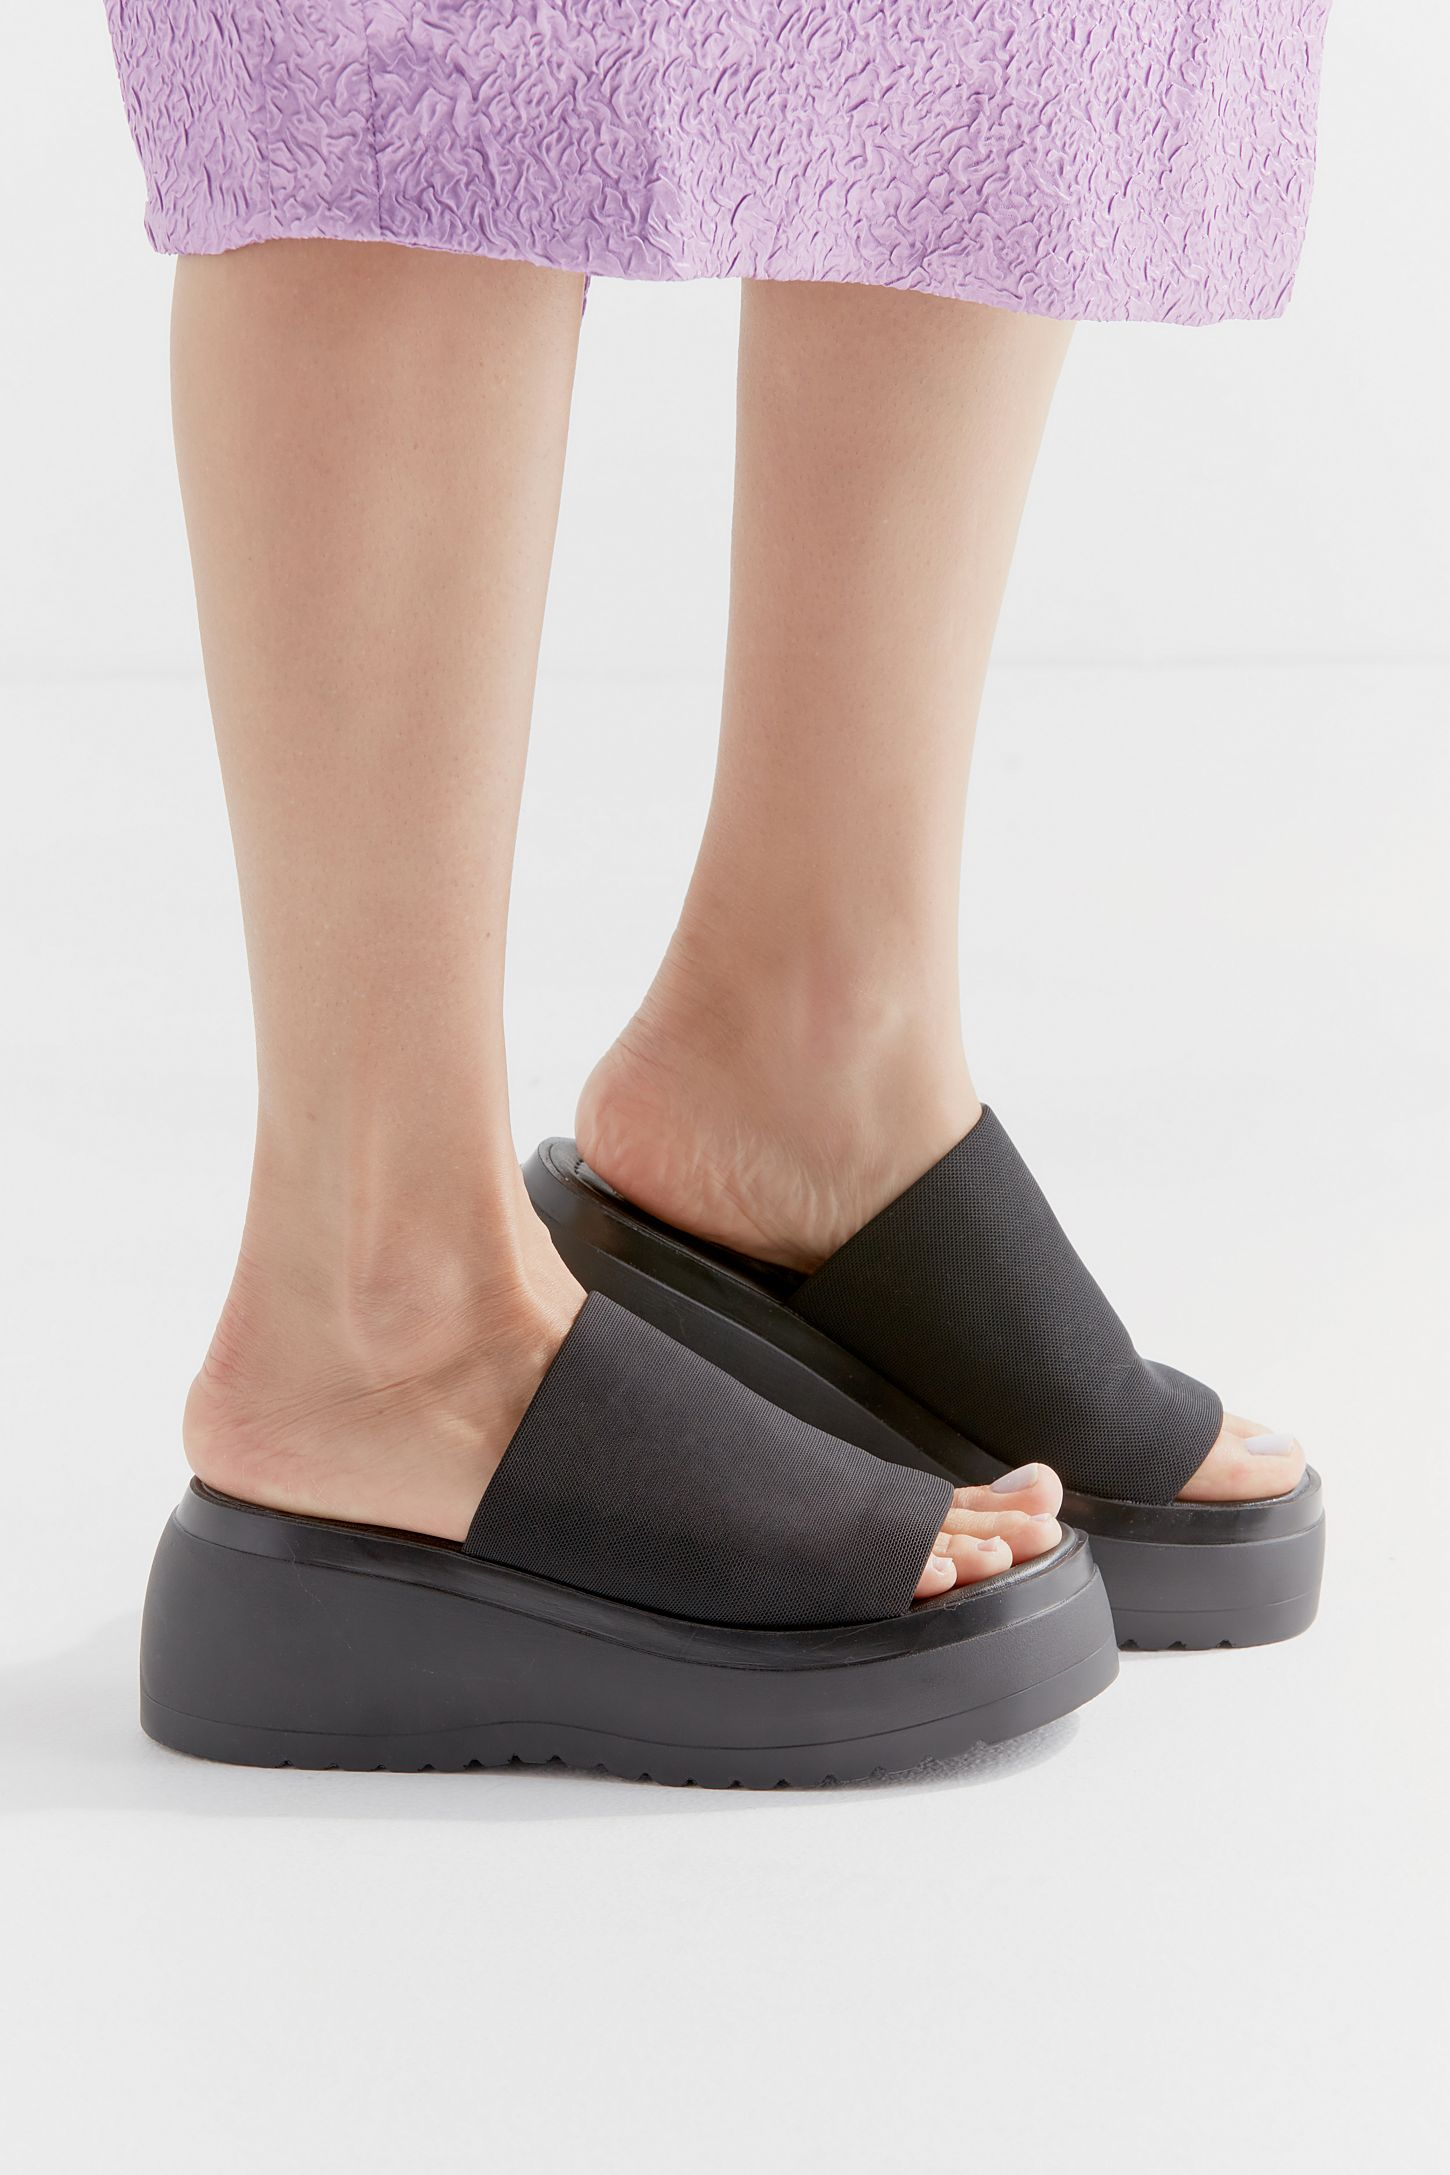 efc03d765e1 Steve Madden UO Exclusive Slinky Platform Sandal